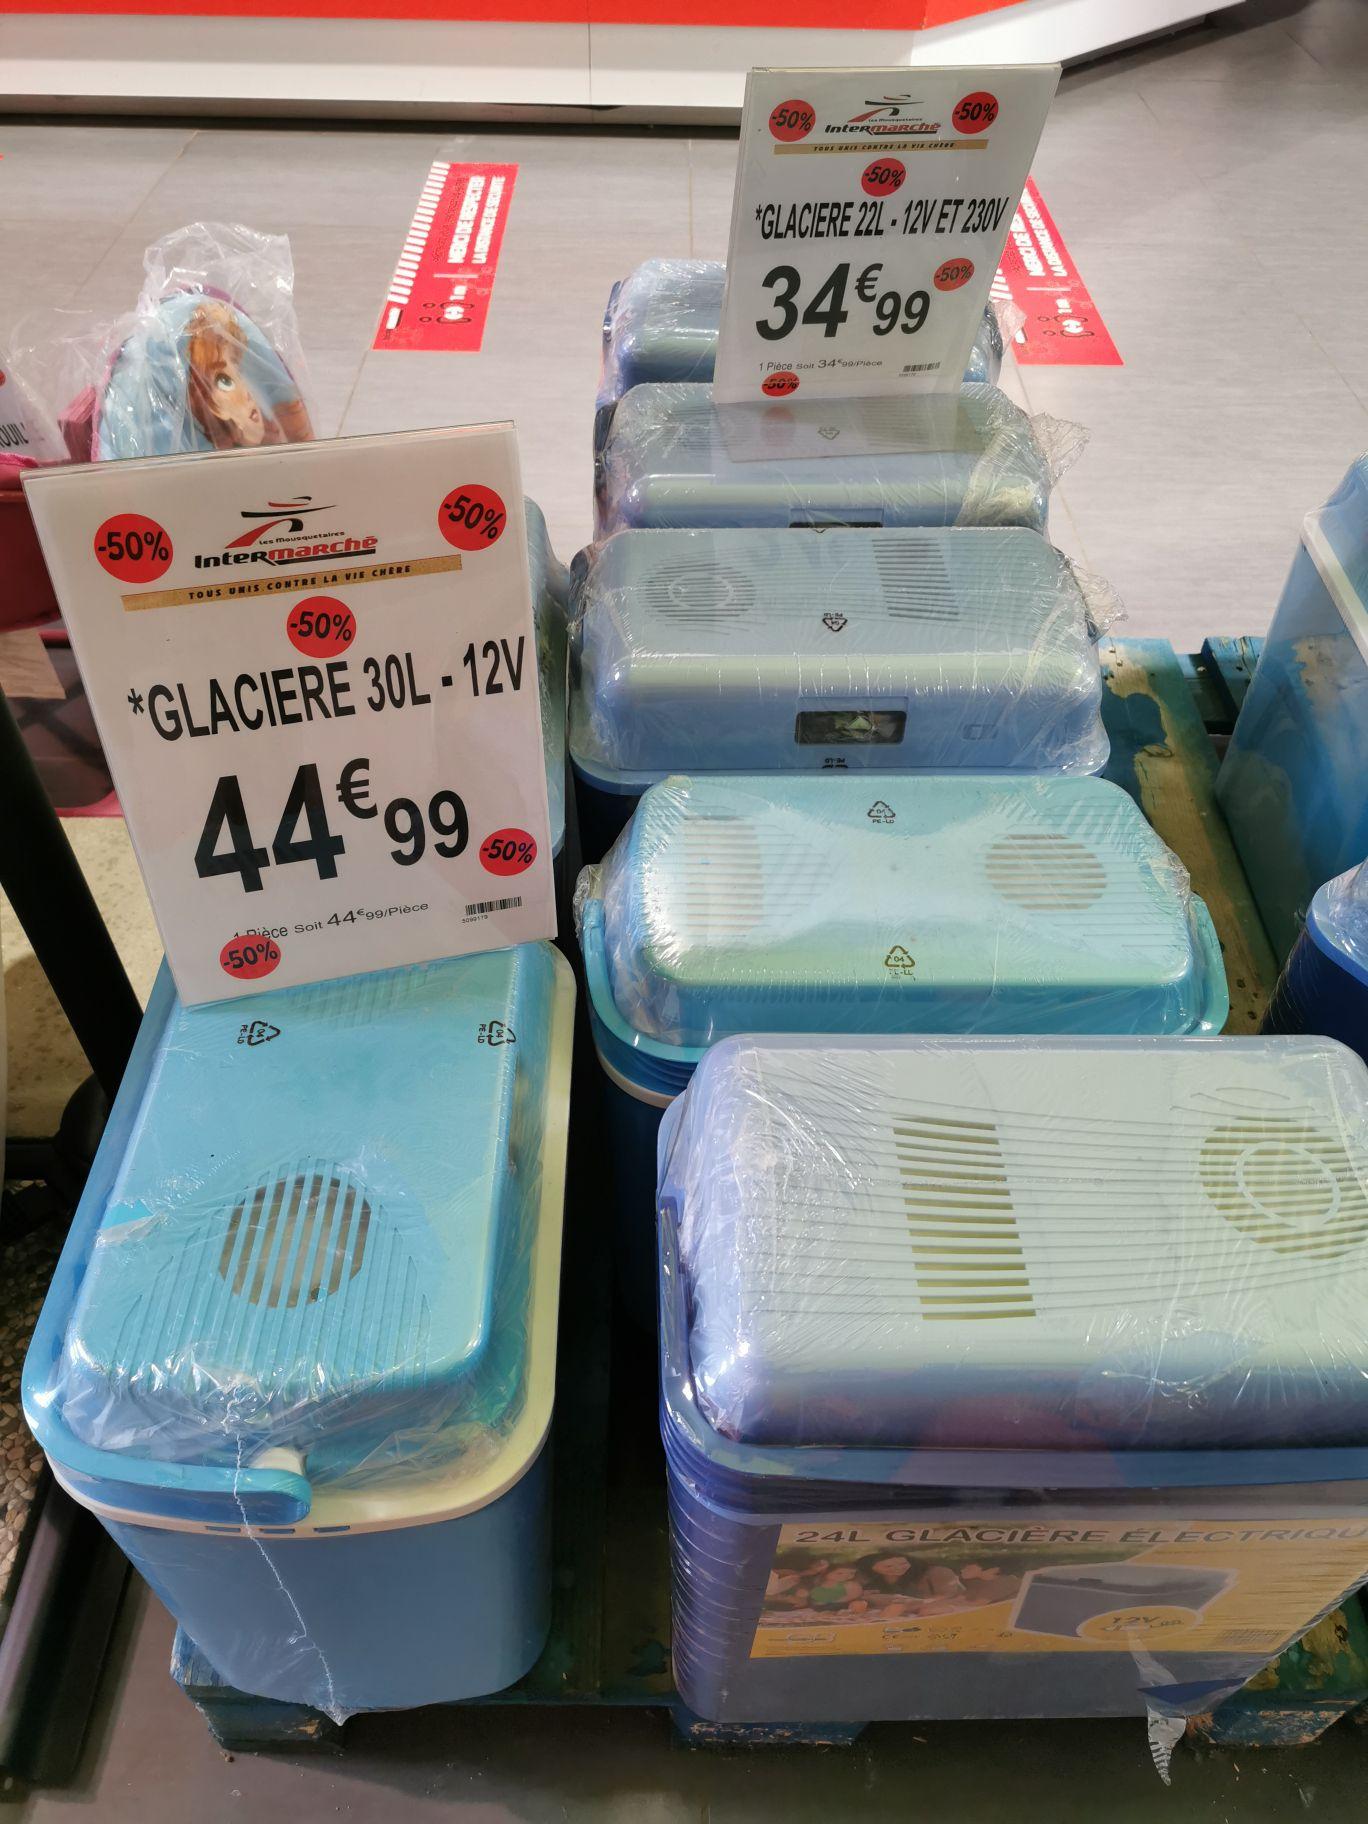 Glacières 22L à 17.49€ et 30L à à 22.49€ - Maulette (78)